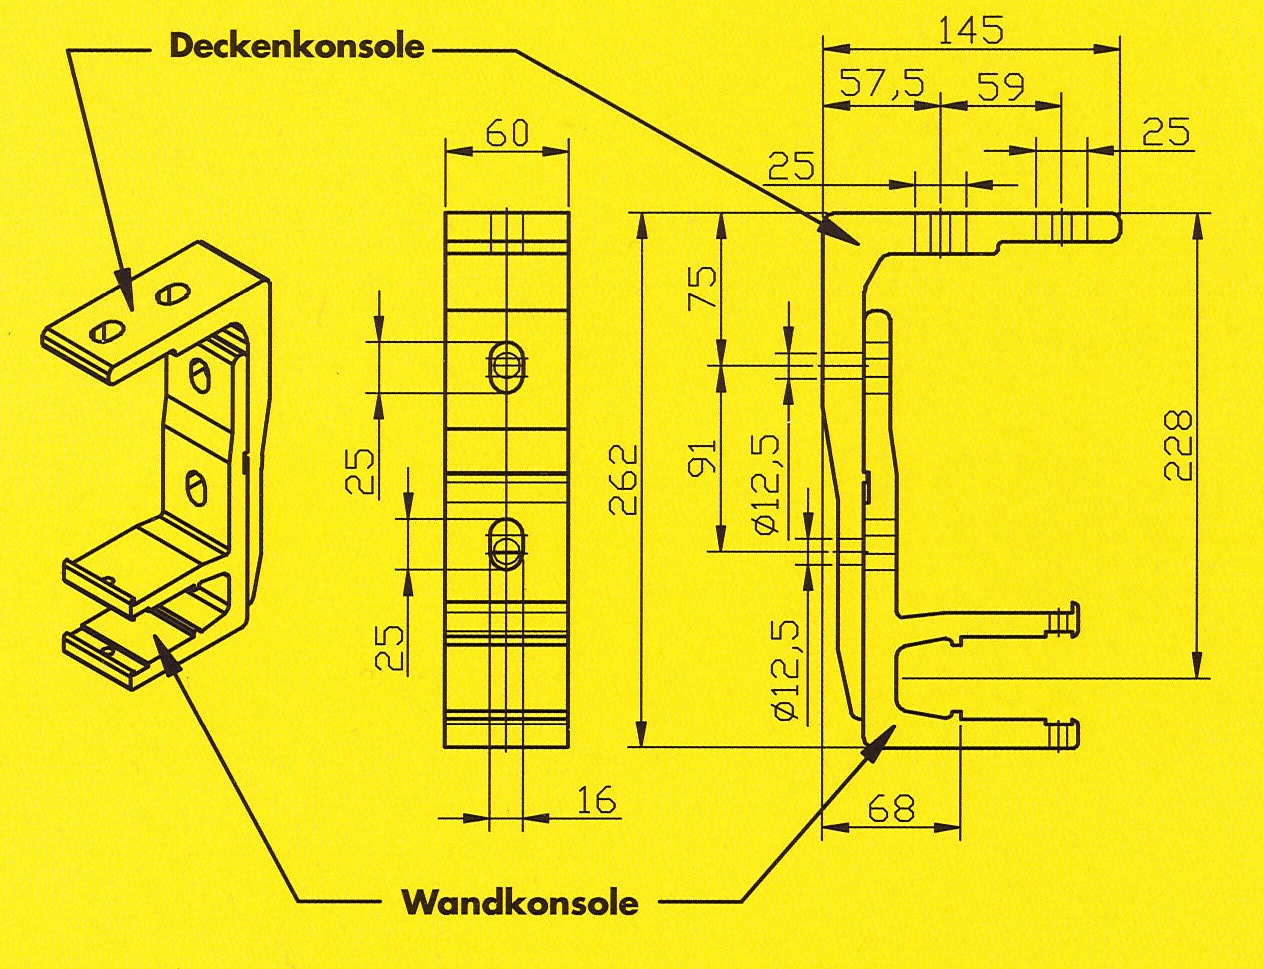 Teilh-lsenmarkise-markisen-made-in-germany-konsolenzeichnung